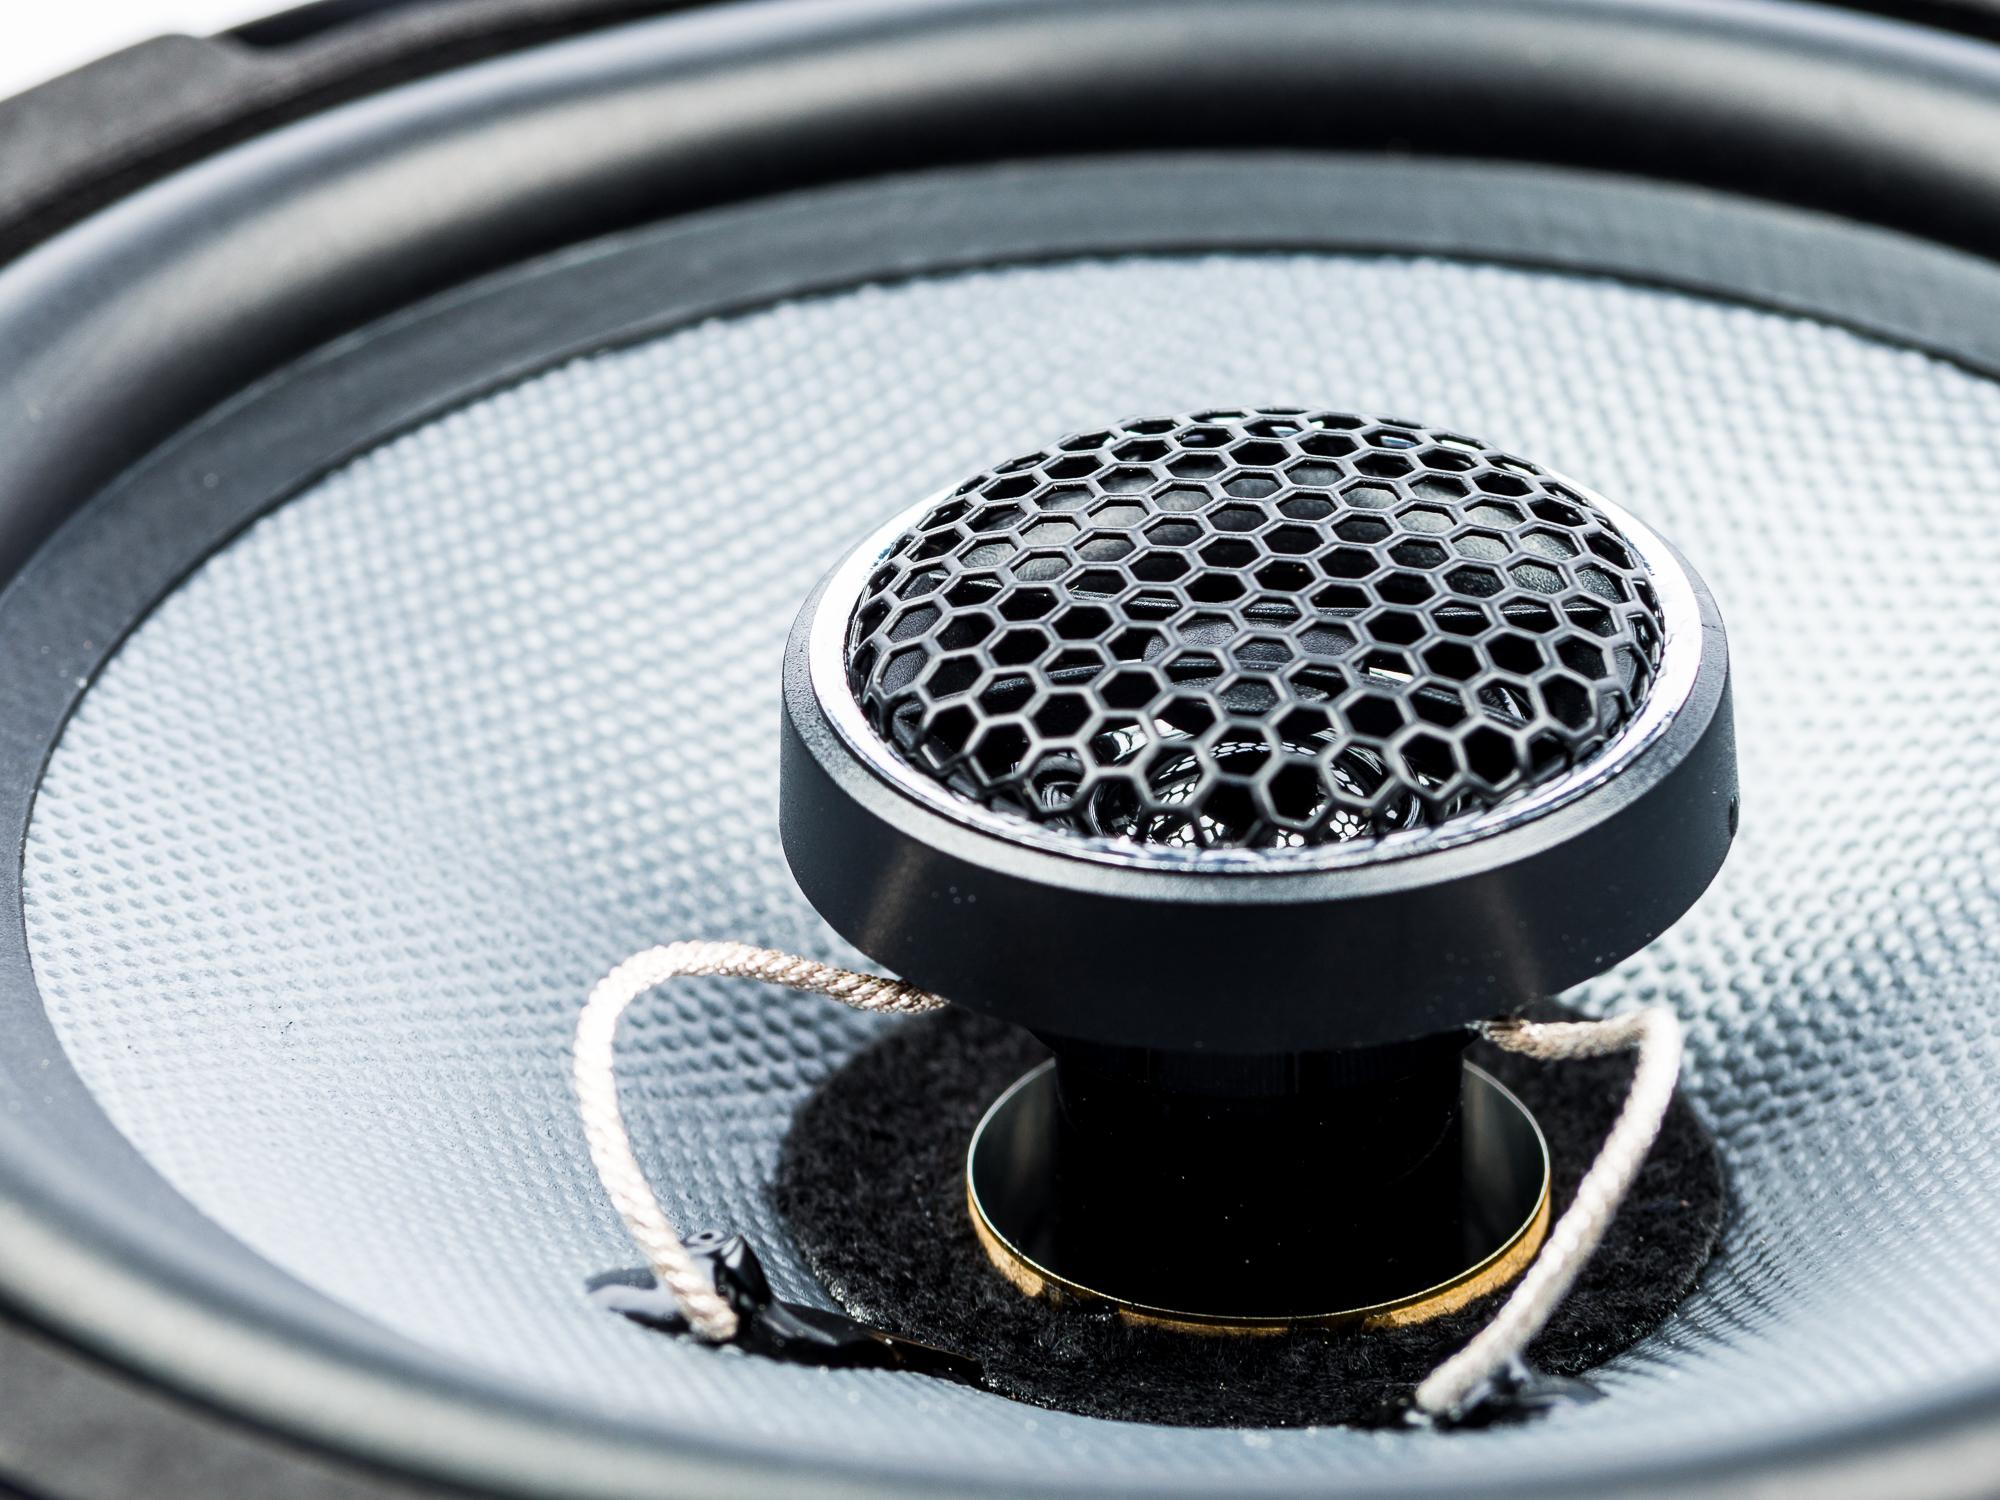 VW Golf 4 und Golf 6 Lautsprecher Einbauset Tür vorne Neuware – Bild 5